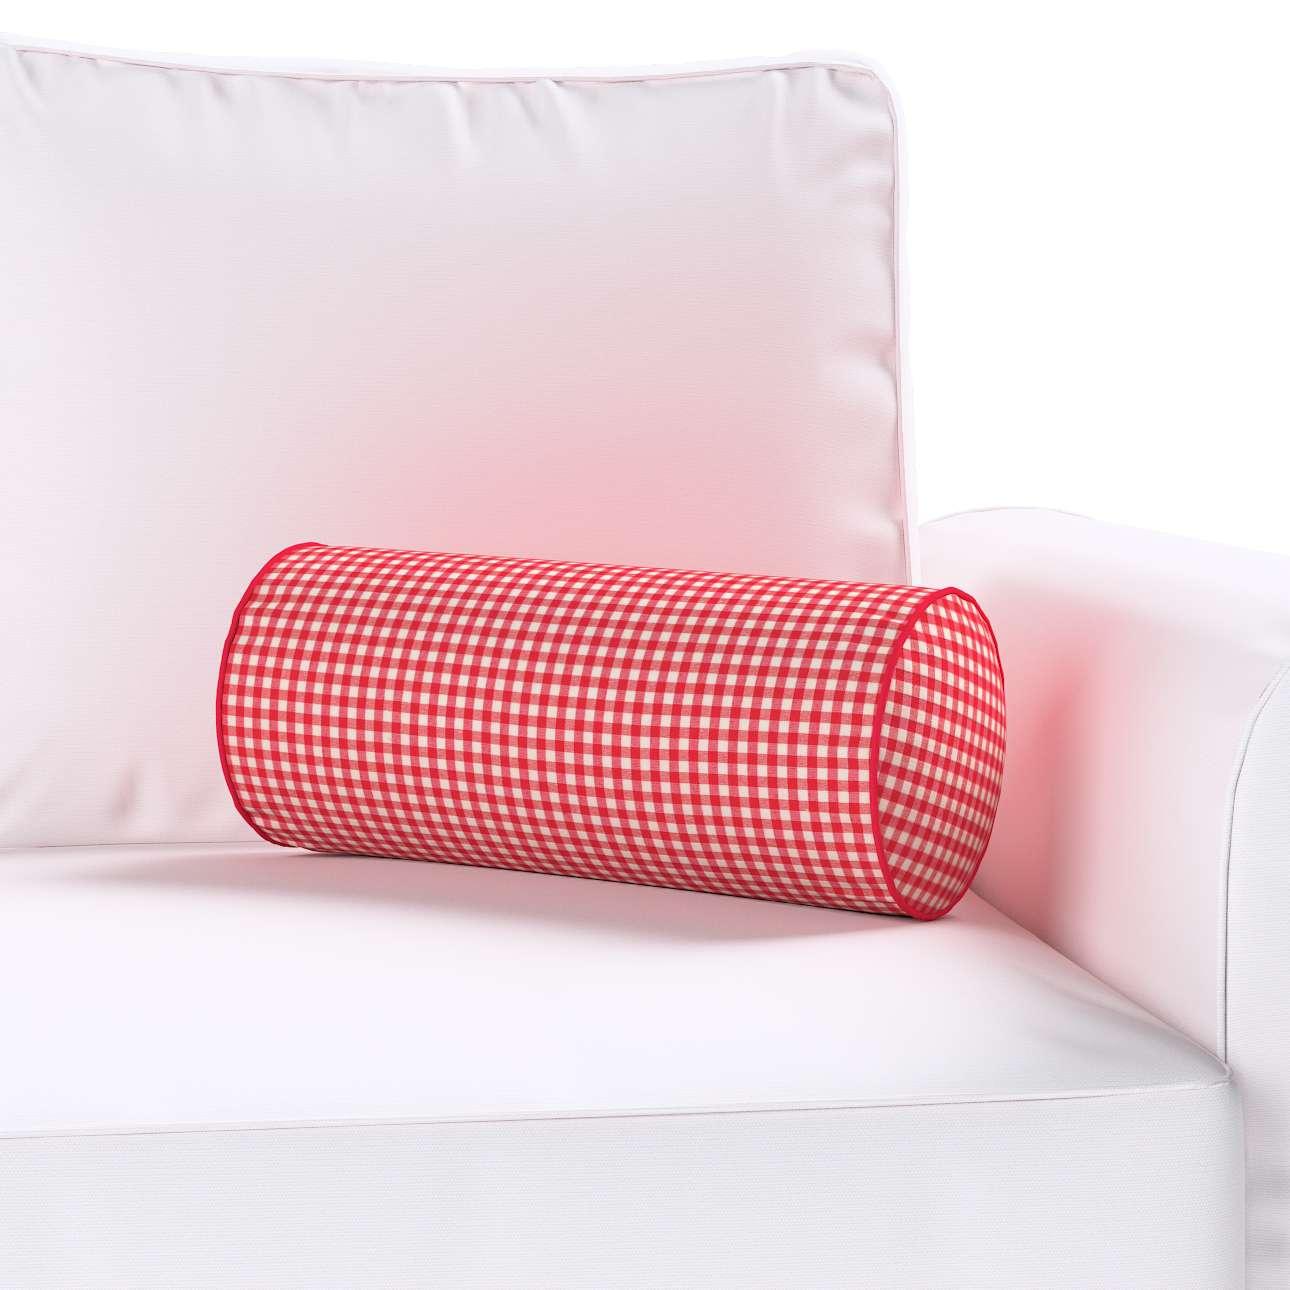 Ritinio formos  pagalvėlės užvalkalas Ø 16 x 40 cm (6 x 16 inch) kolekcijoje Quadro, audinys: 136-15